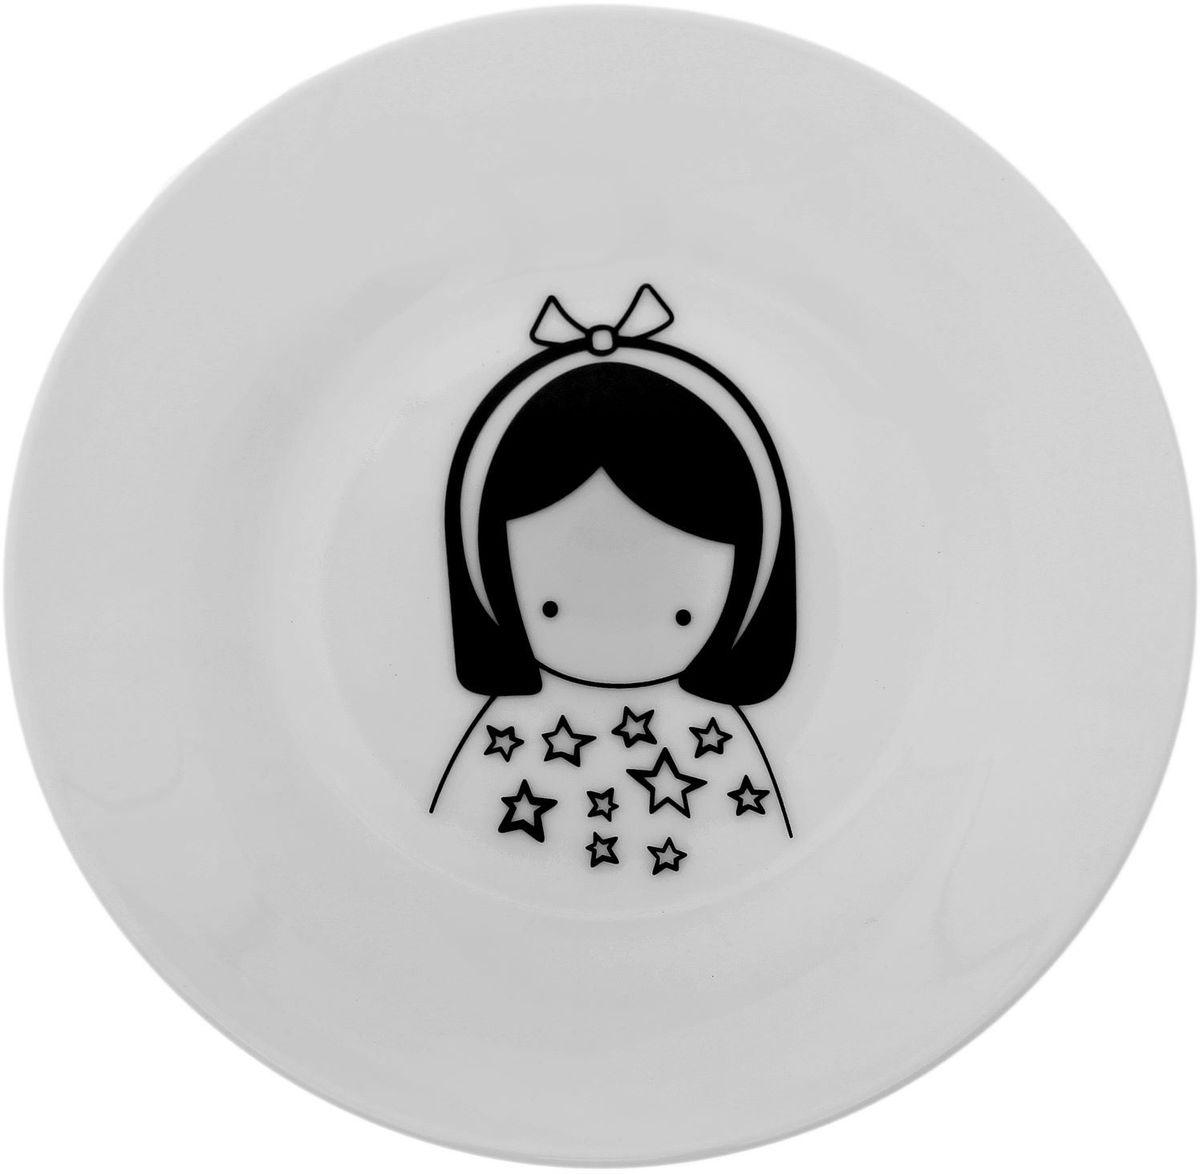 Тарелка мелкая Сотвори чудо Куколка, диаметр 15,5 см1661850Хотите обновить интерьер кухни или гостиной? Устраиваете необычную фотосессию или тематический праздник? А может, просто ищете подарок для близкого человека? Посуда Сотвори Чудо — правильный выбор в любой ситуации. Тарелка Сотвори Чудо, изготовленная из изящного фаянса нежного сливочного цвета, оформлена оригинальным рисунком со стойкой краской. Пригодна для посудомоечной машины.